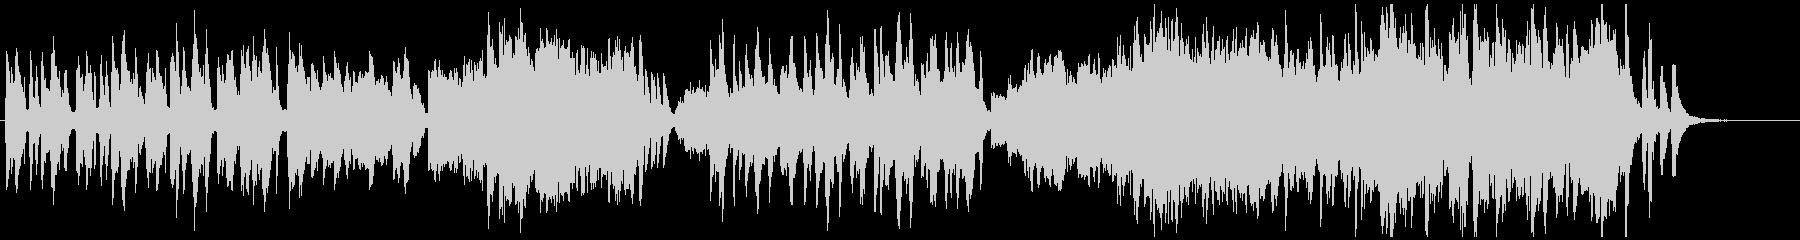 アニメ劇伴風ほのぼの日常BGMの未再生の波形